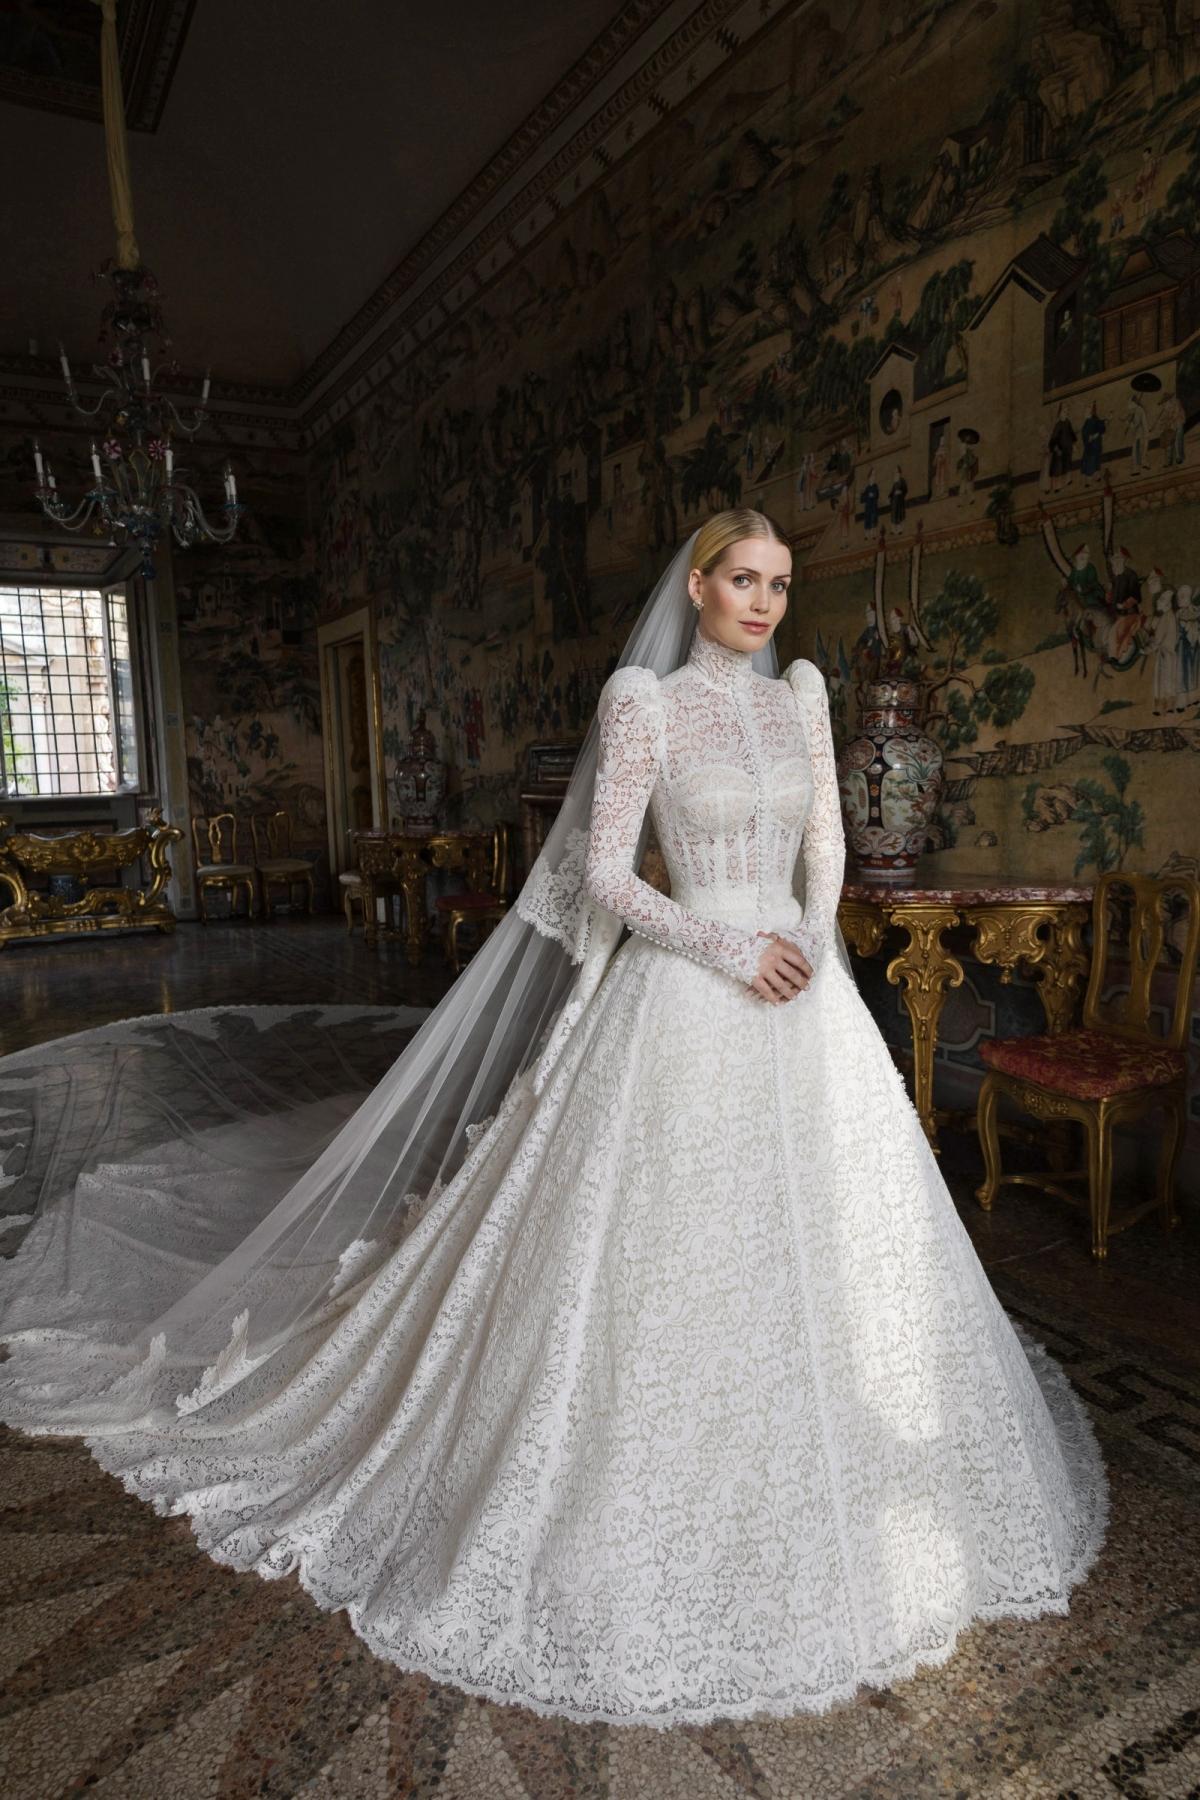 Trong đám cưới với ông chủ chuỗi thời trang đường phố Whistles nổi tiếng, Lady Kitty Spencer - cháu gái Công nương Diana mặc váy cưới lộng lẫy đến từ thương hiệu Dolce&Gabbana.